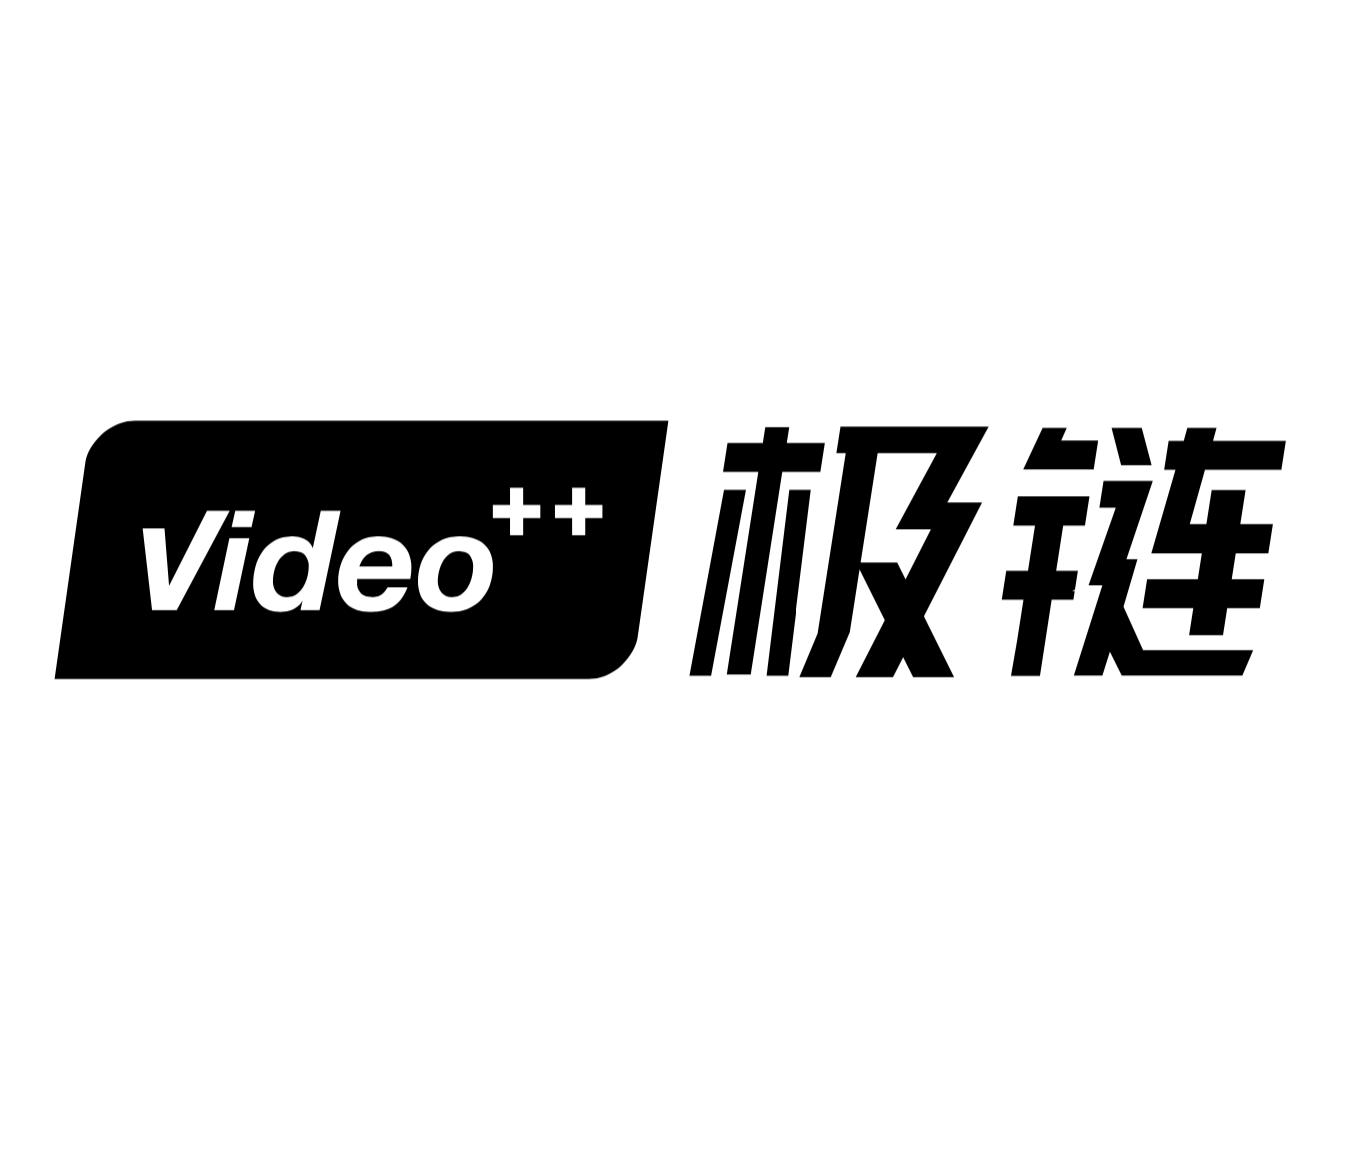 极链科技为汽车新零售平台弹个车在热门电视剧/综艺视频投放AI视频广告